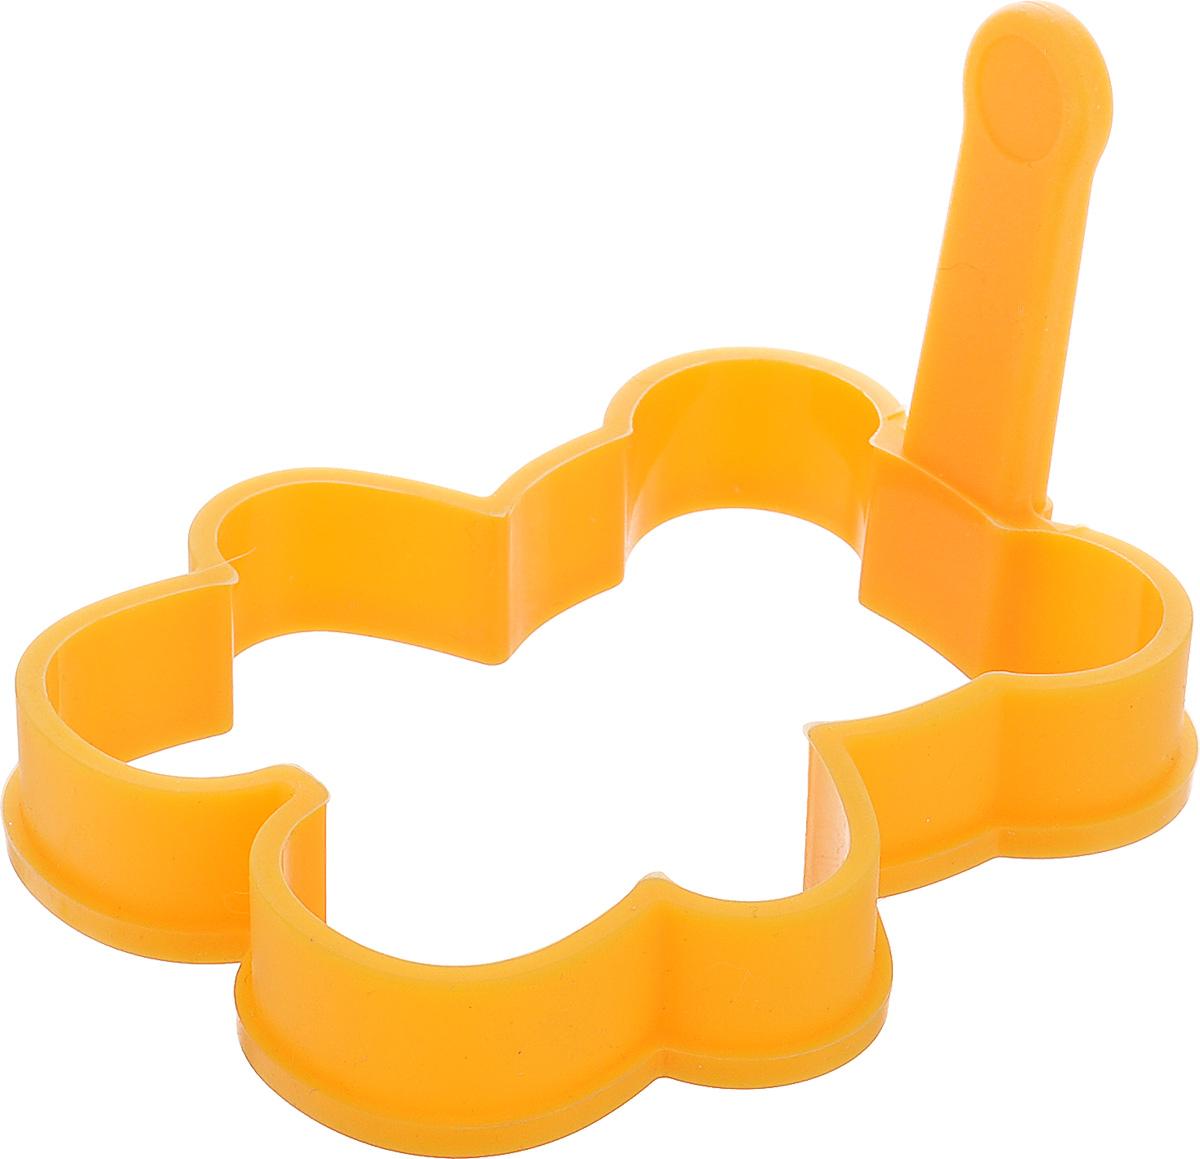 Форма для выпечки Tescoma Delicia Kids, универсальная, цвет: оранжевый, 10,5 х 12 смFS-91909Форма для выпечки Tescoma Delicia Kids, изготовленная из высококачественного силикона, идеально подойдет для приготовления глазуньи, омлета, оладьев или драников на сковороде или в духовке, а также для приготовления желе, пудингов. Выдерживает температуру от -40°С до +230°С. Оснащена удобной ручкой.Можно мыть в посудомоечной машине и использовать в СВЧ-печи.Размер рабочей части: 10,5 х 12 см.Длина ручки: 5,5 см.